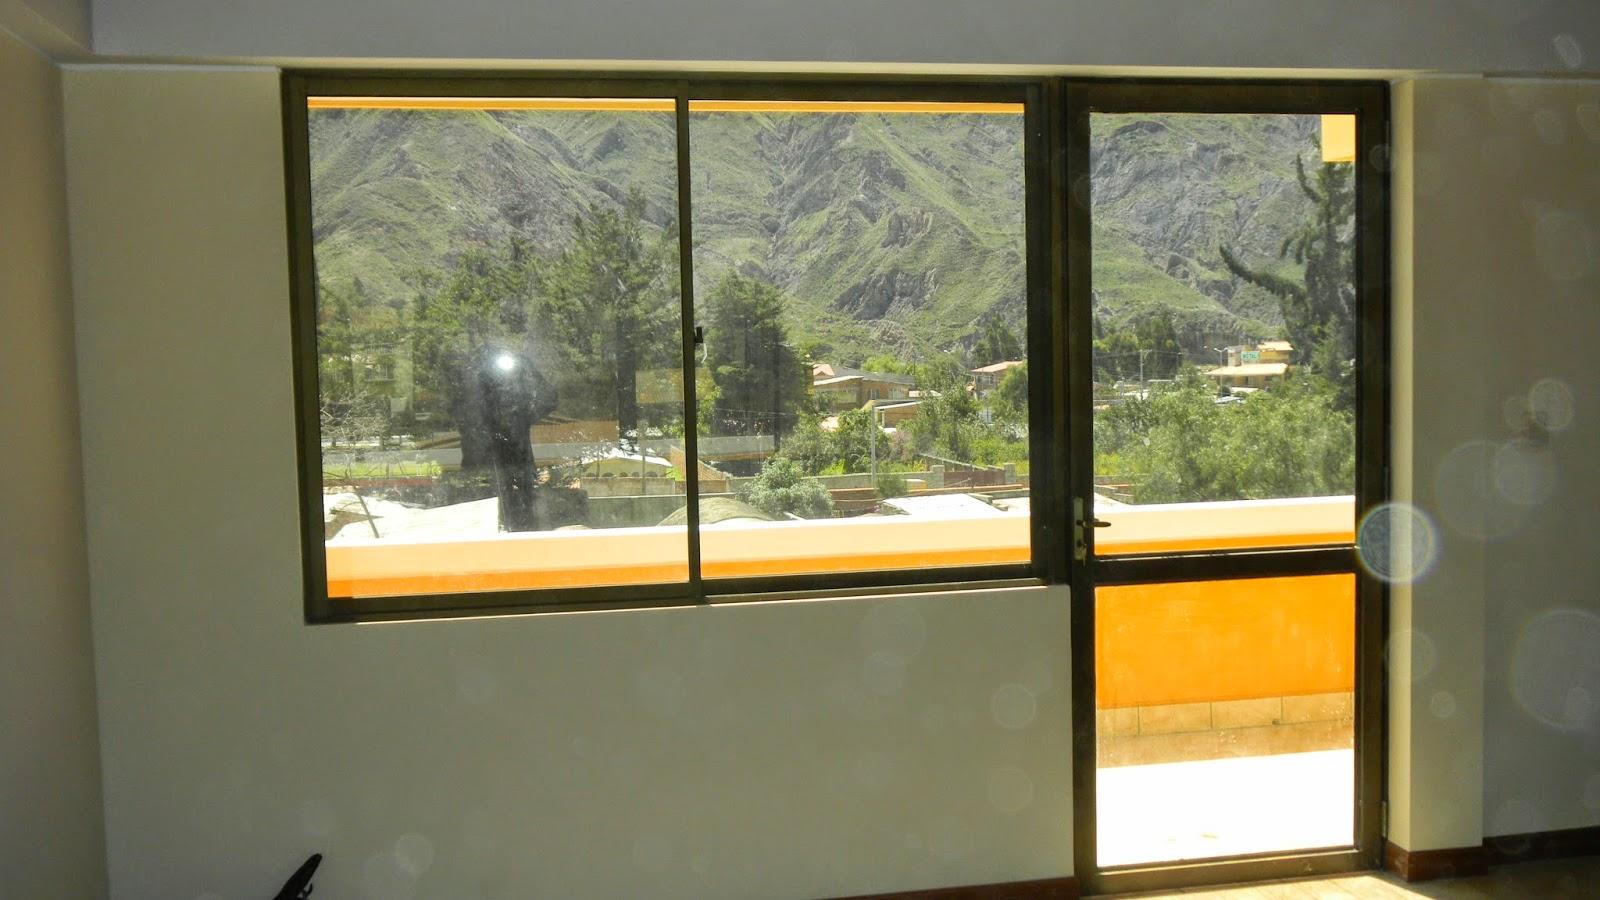 Ventanas y puertas de aluminio vidrieria ct for Casas con puertas de vidrio